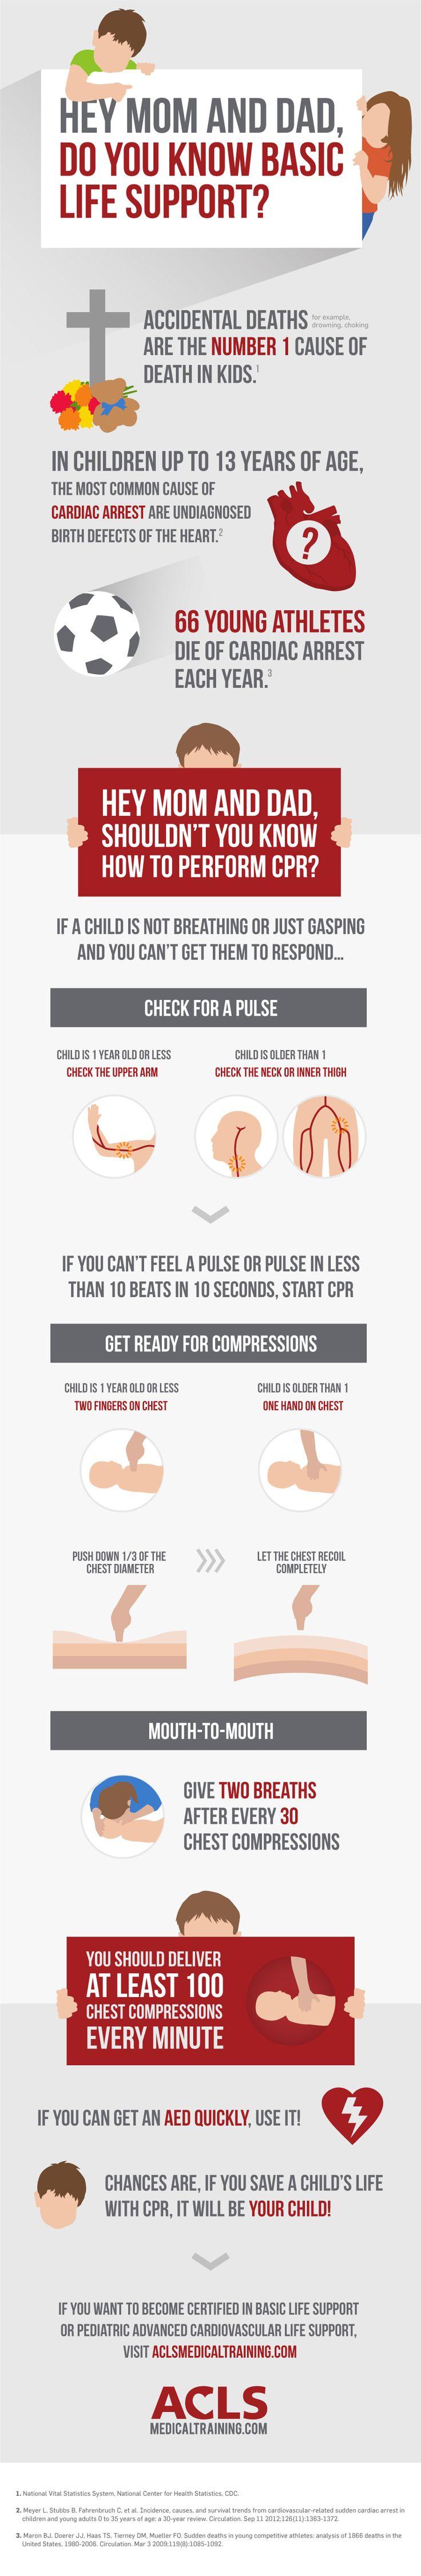 Hey Mom & Dad: Do You Know CPR? - http://www.dealiciousmom.com/cpr-infographic/